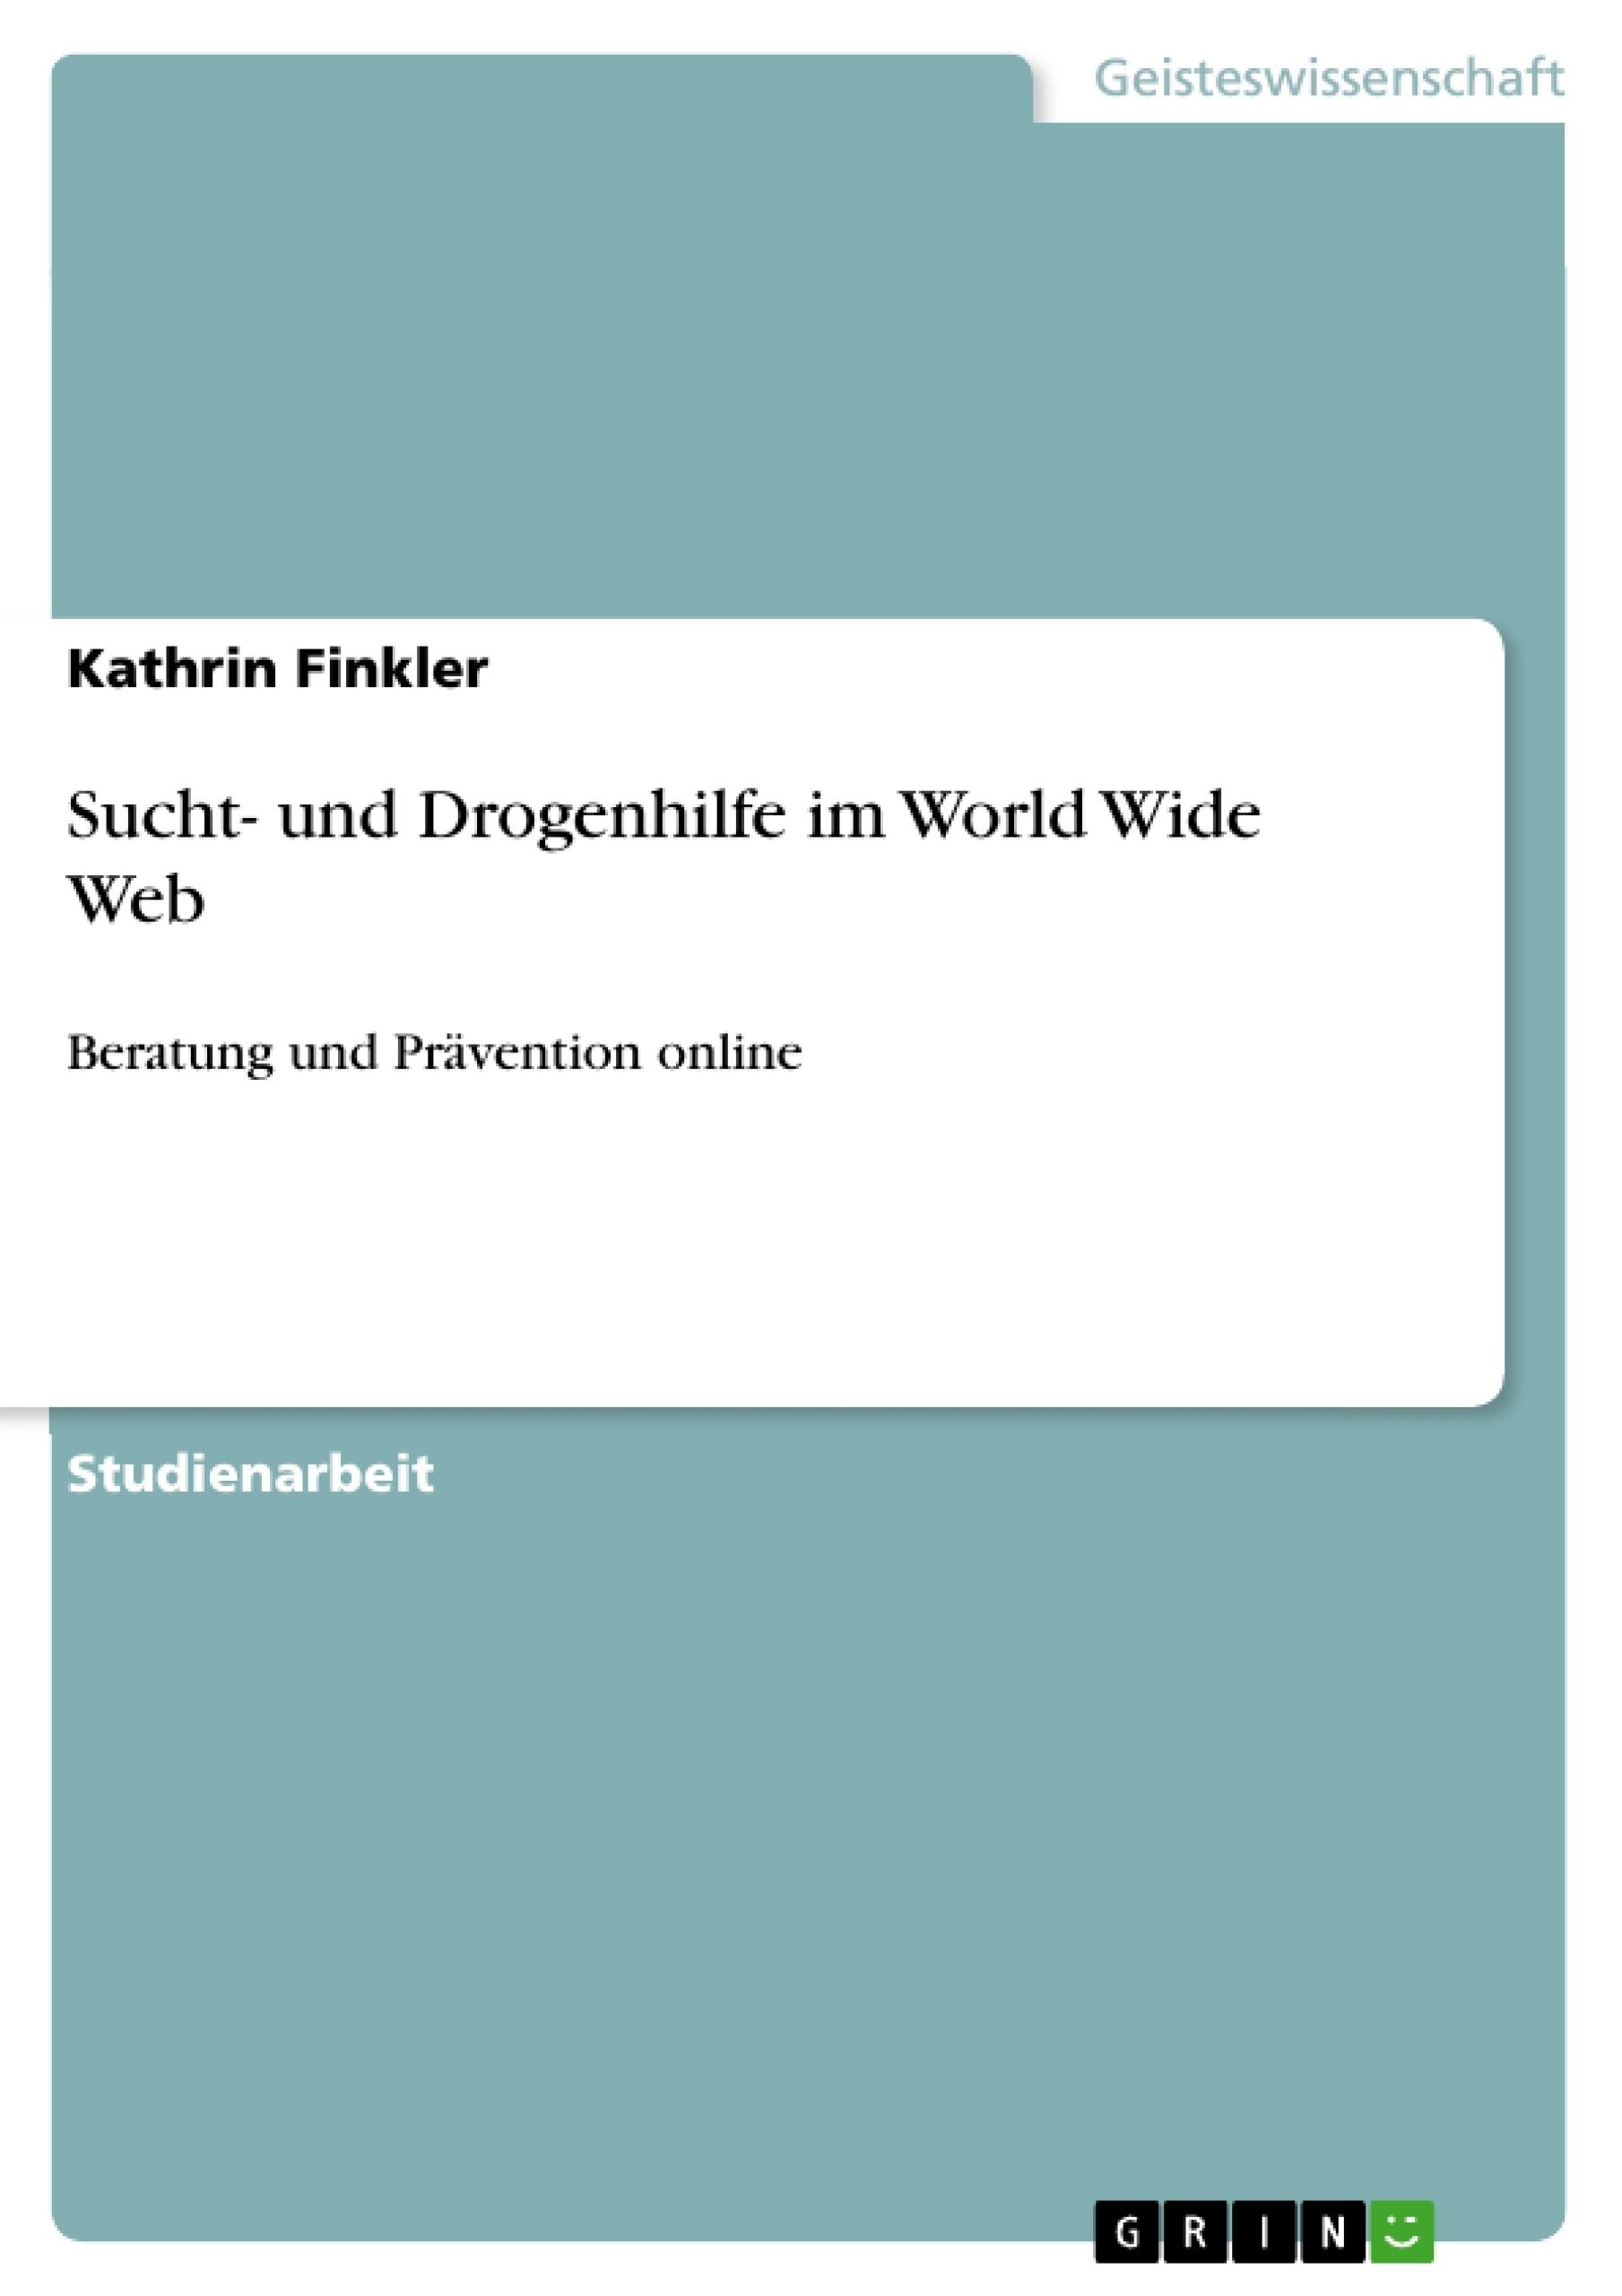 Titel: Sucht- und Drogenhilfe im World Wide Web